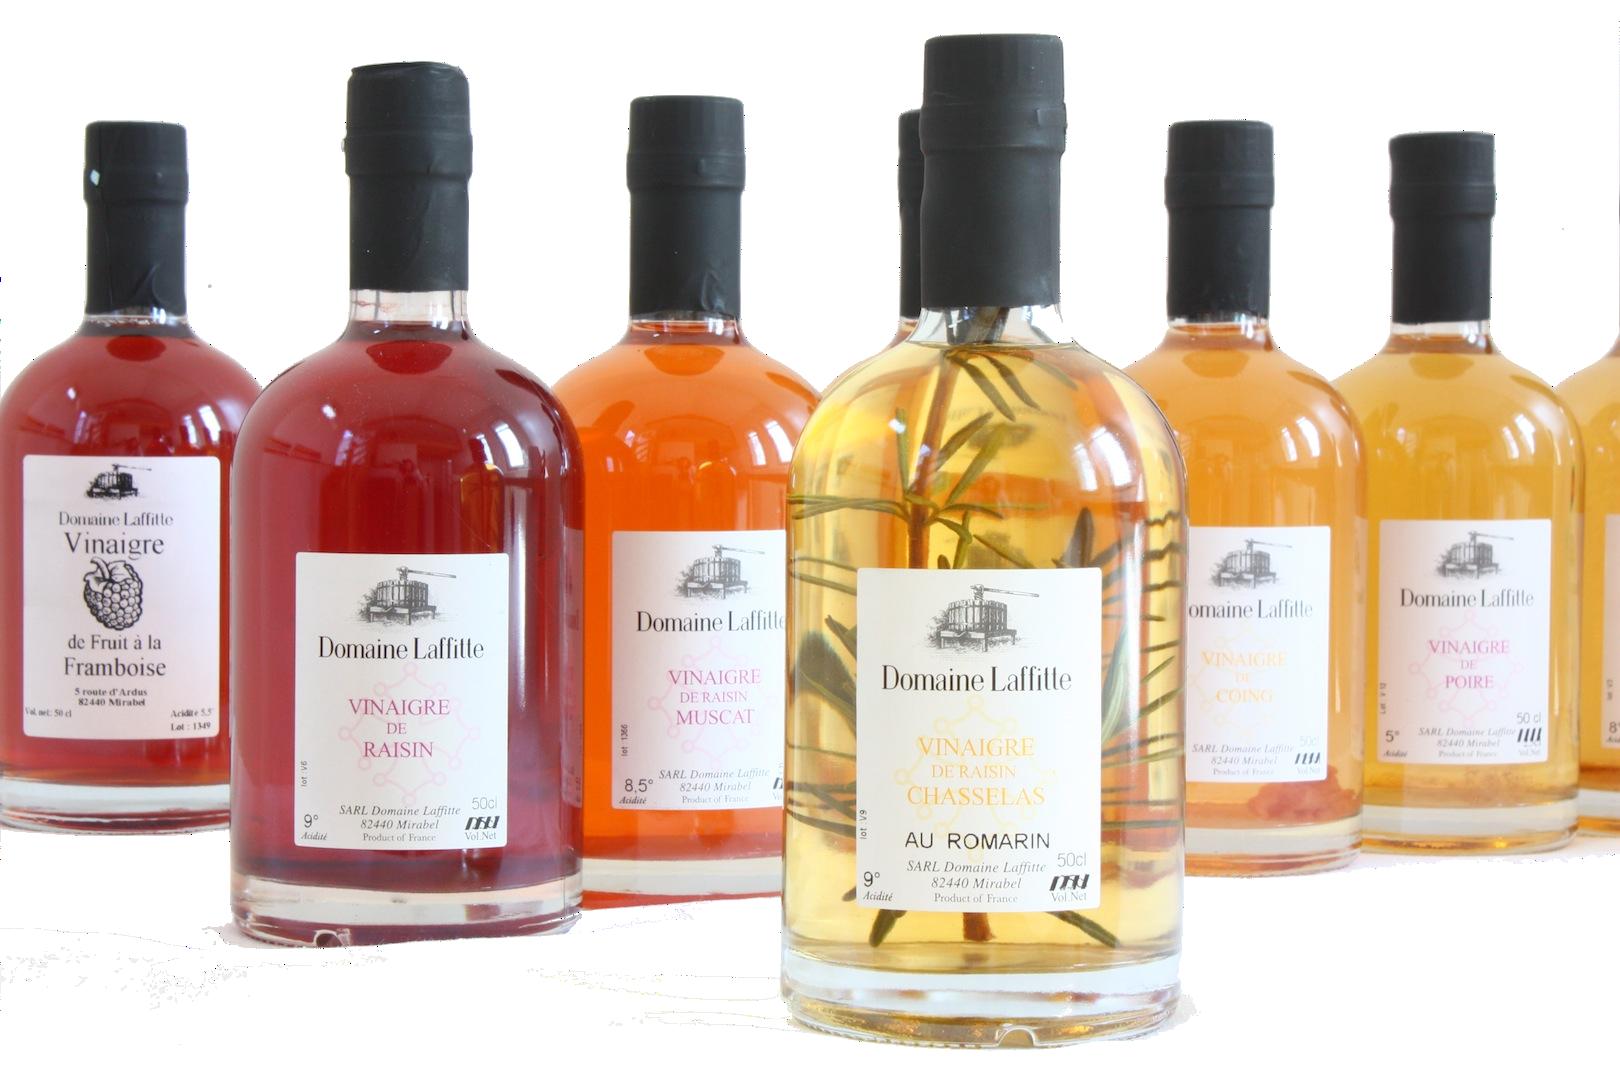 Vinaigres de fruits artisanal haut de gamme 100% naturelDomaine Laffitte